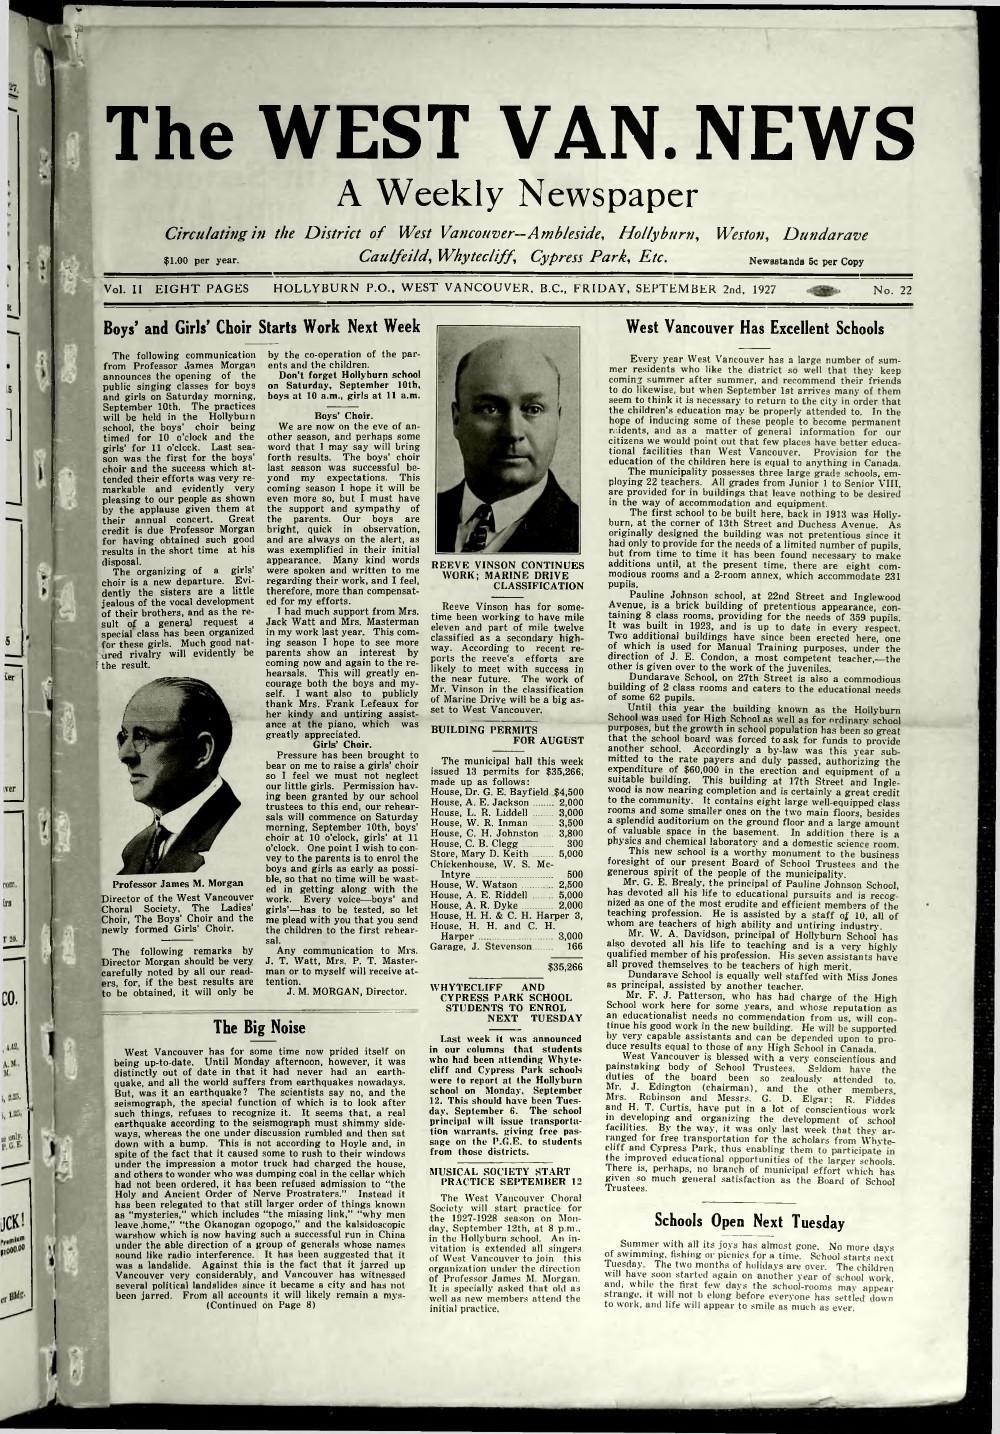 West Van. News (West Vancouver), 2 Sep 1927